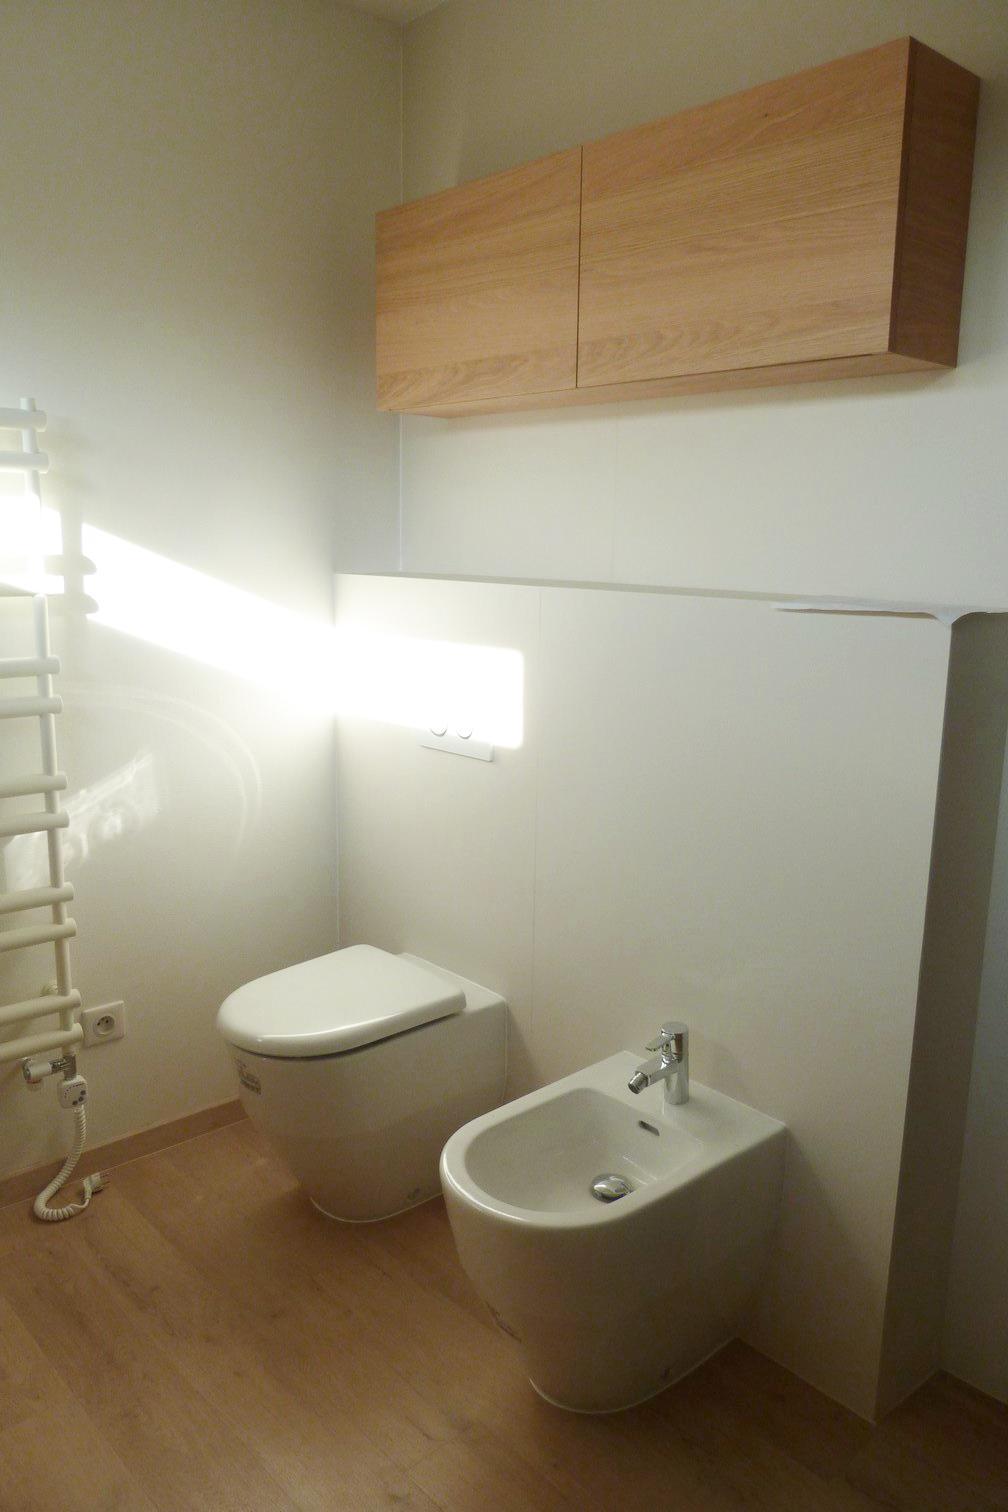 Dizajn a výroba nábytku na mieru Cubica - Závesná skrinka nad WC - dub prírodný - dizajn a výroba cubica